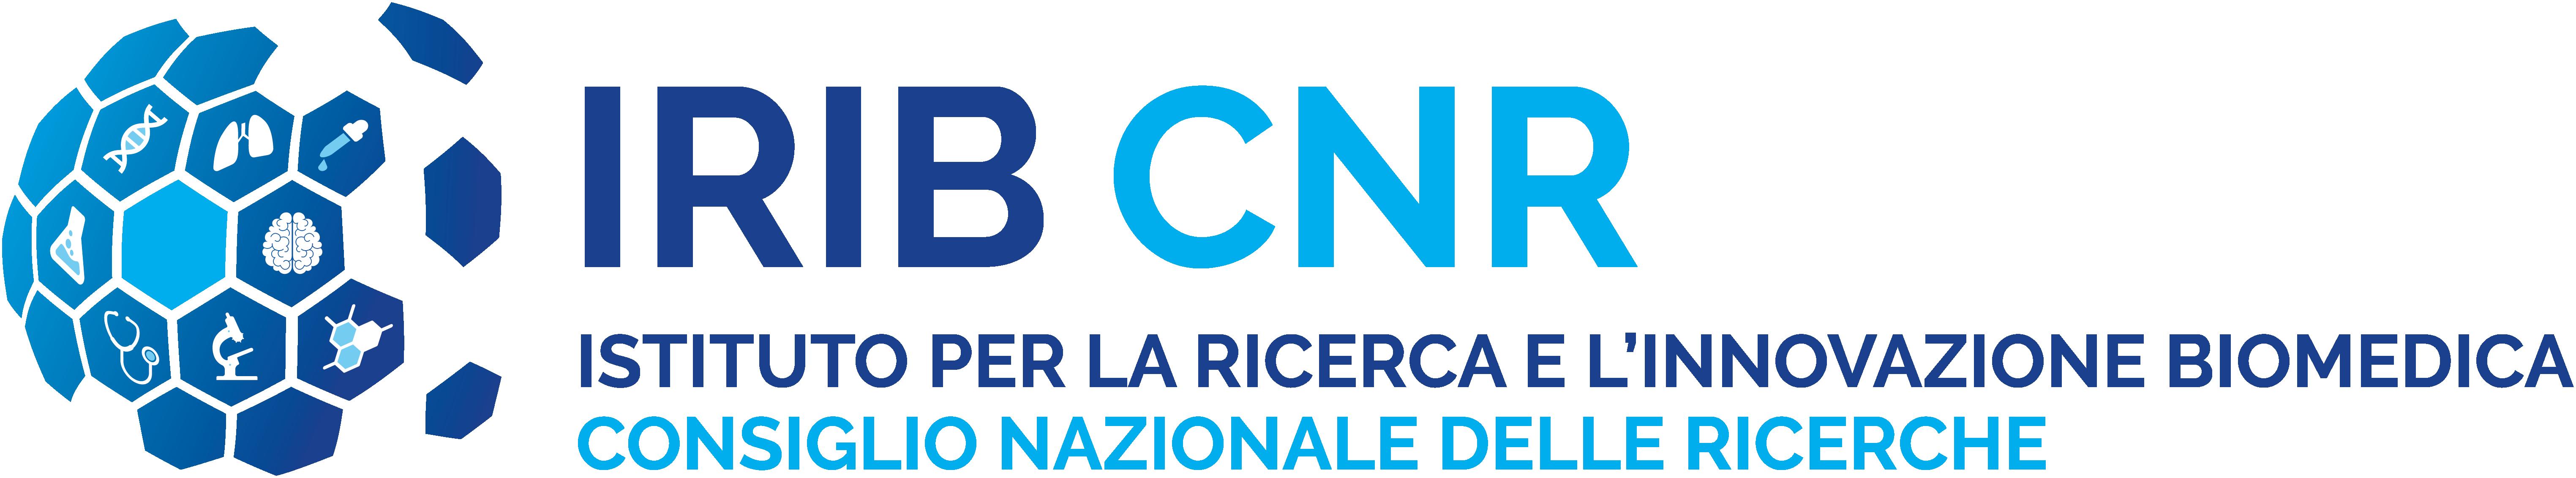 IRIB - CNR Gruppo di Epidemiologia Clinica e Ambientaledelle Malattie Polmonari e Allergiche Pediatriche diPalermo